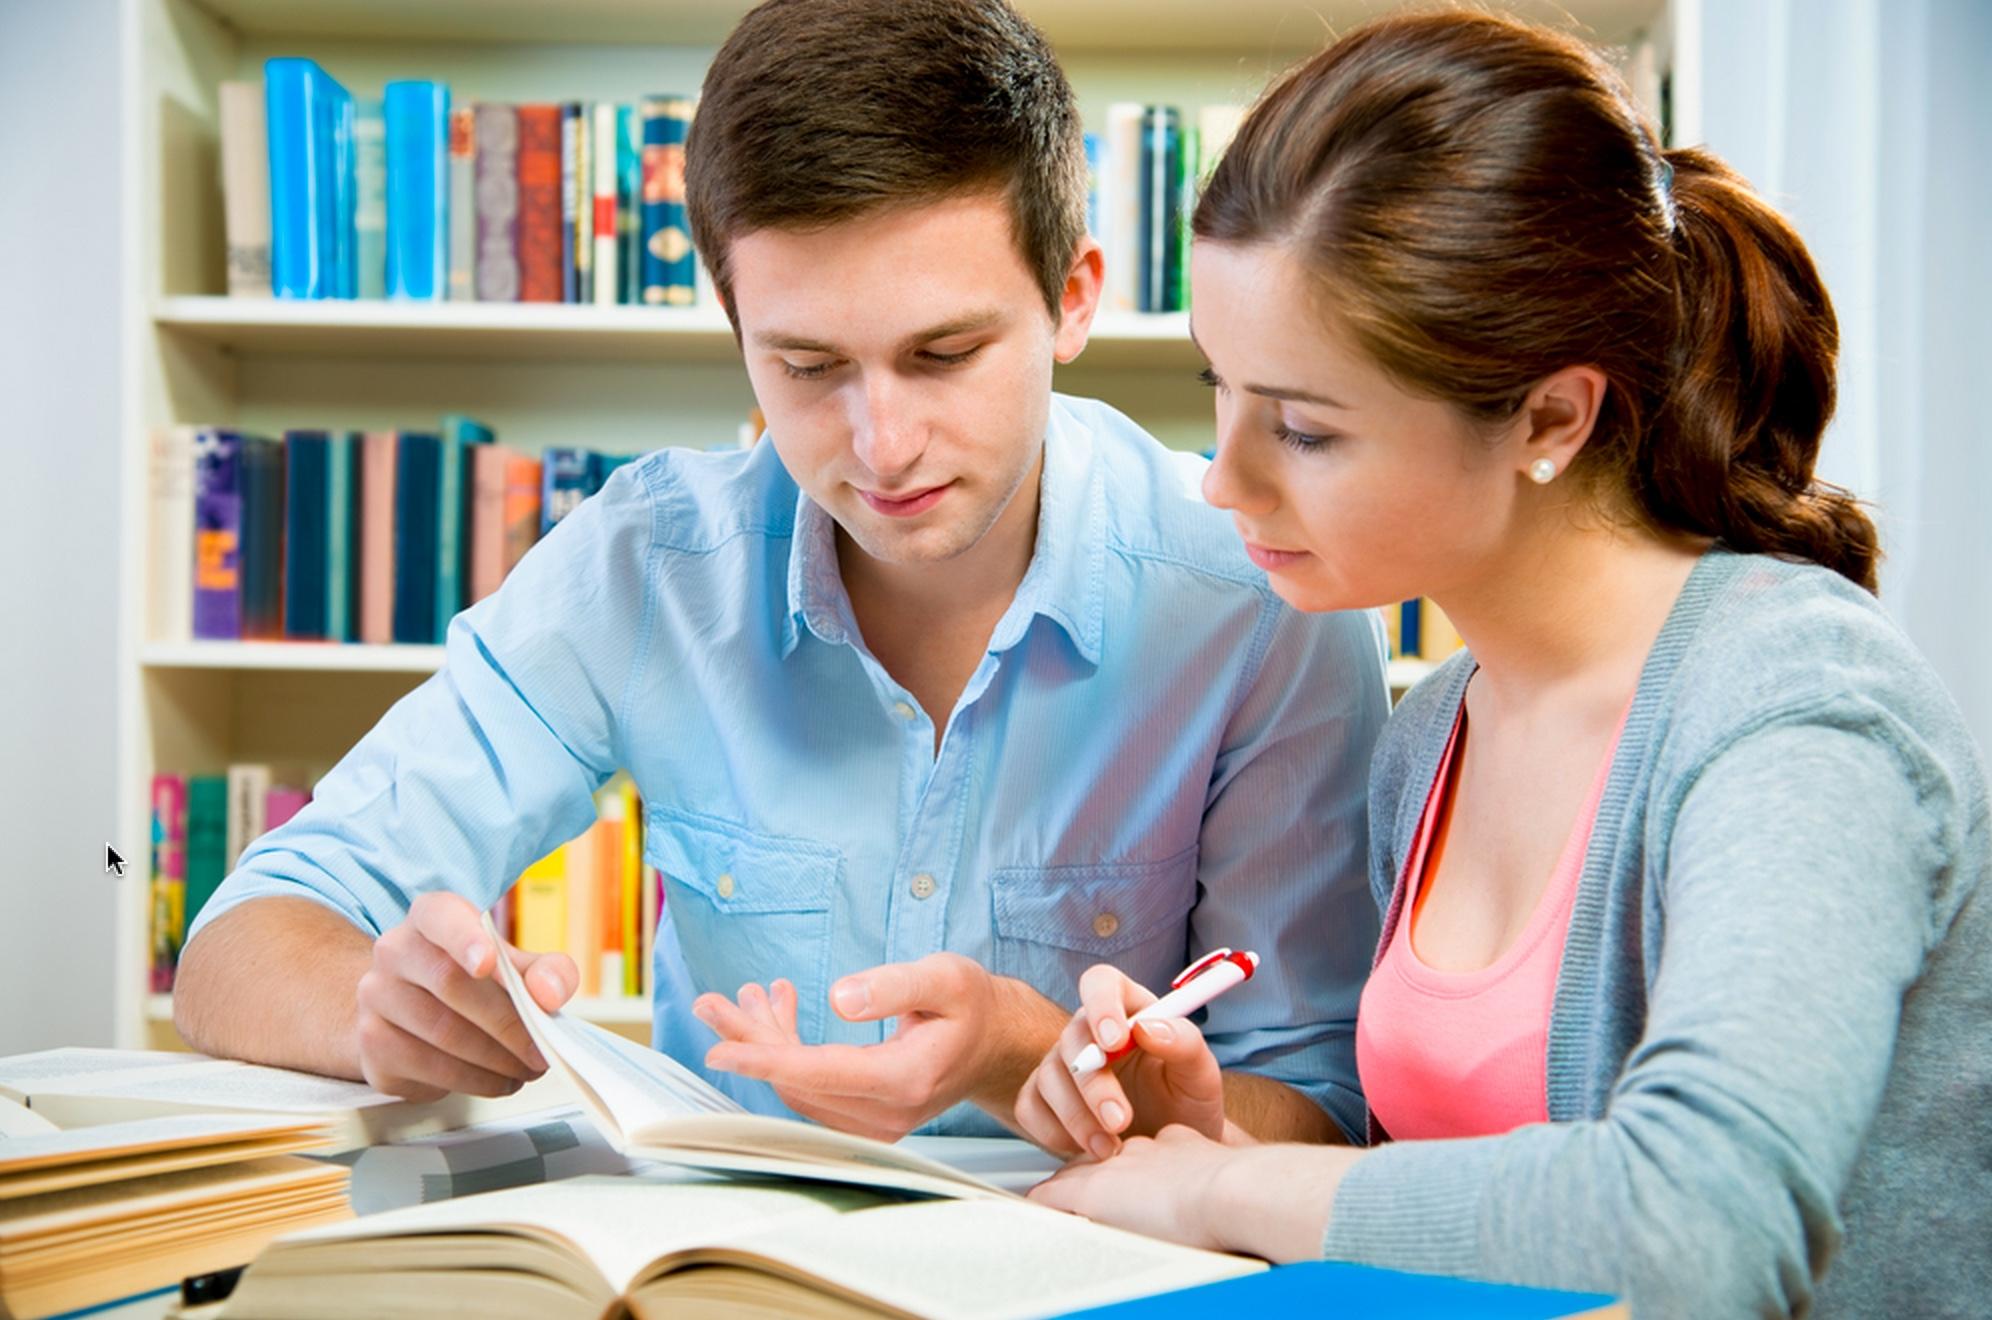 Công việc gia sư cũng được nhiều bạn trẻ lựa chọn cho ngày cuối tuần